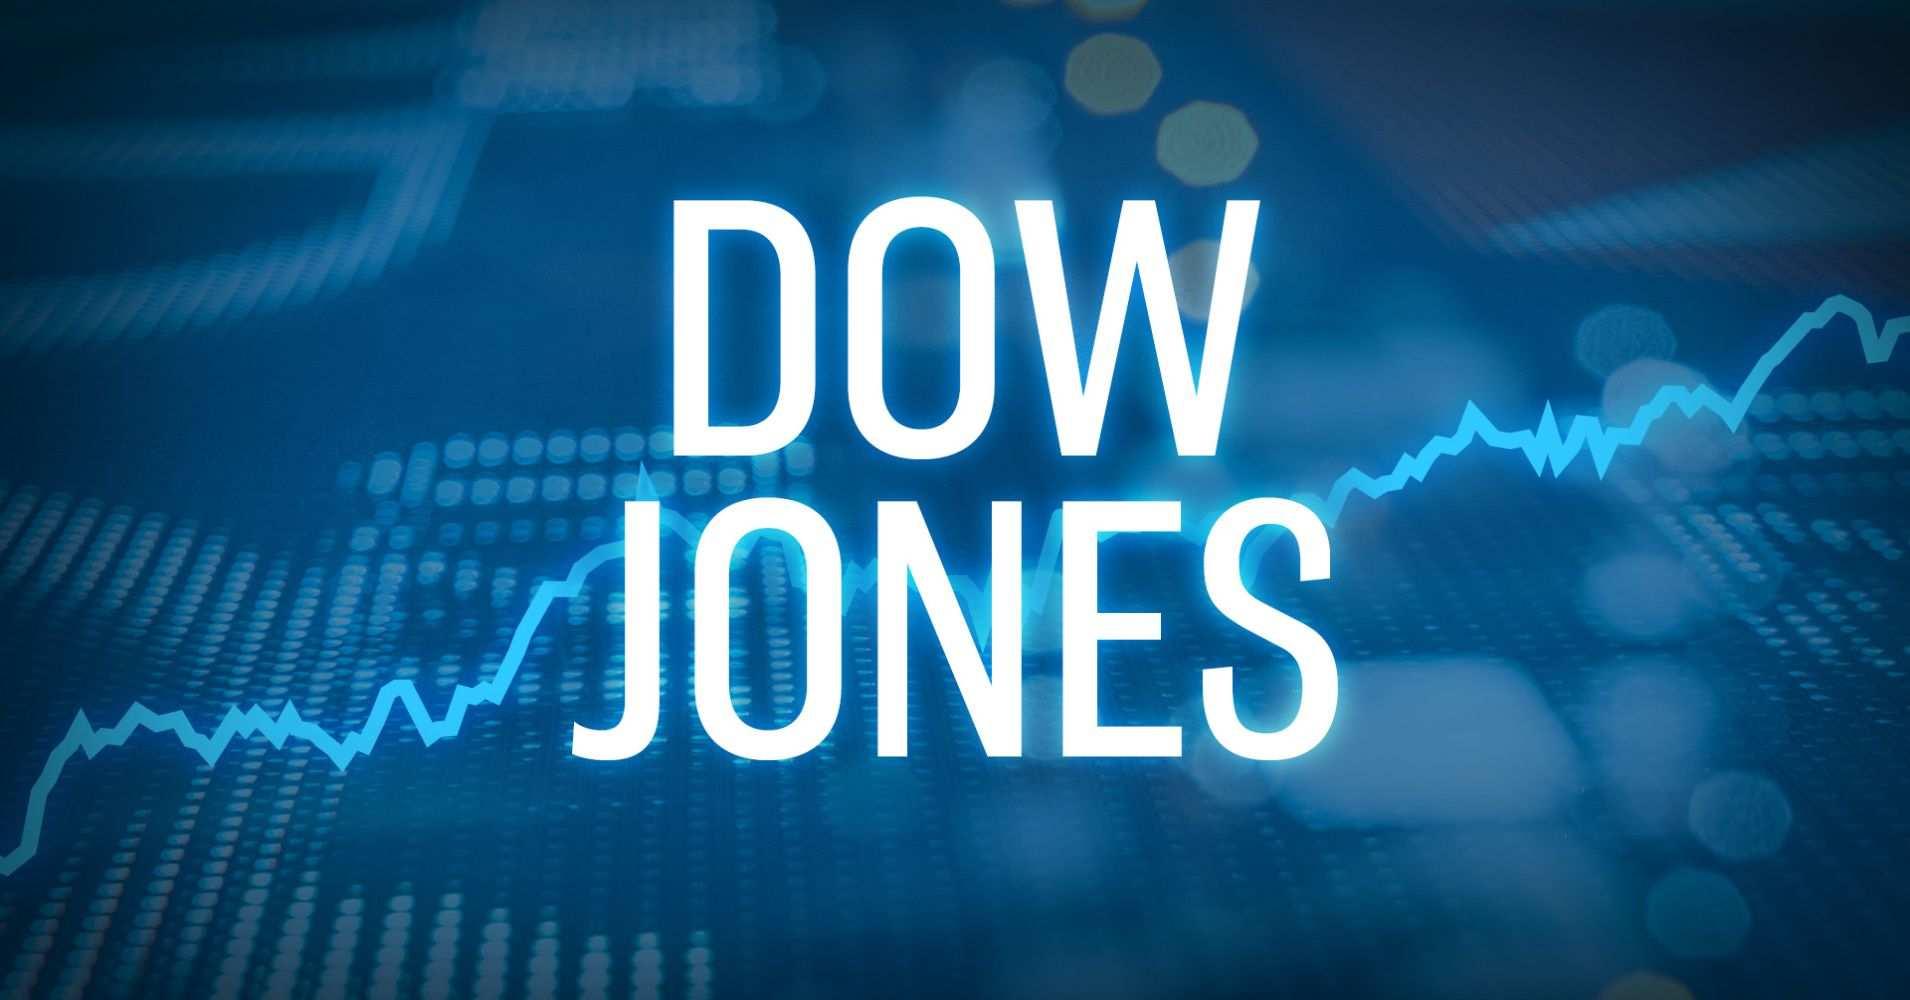 Dow Jones Tăng 370 Điểm Lập Kỷ Lục